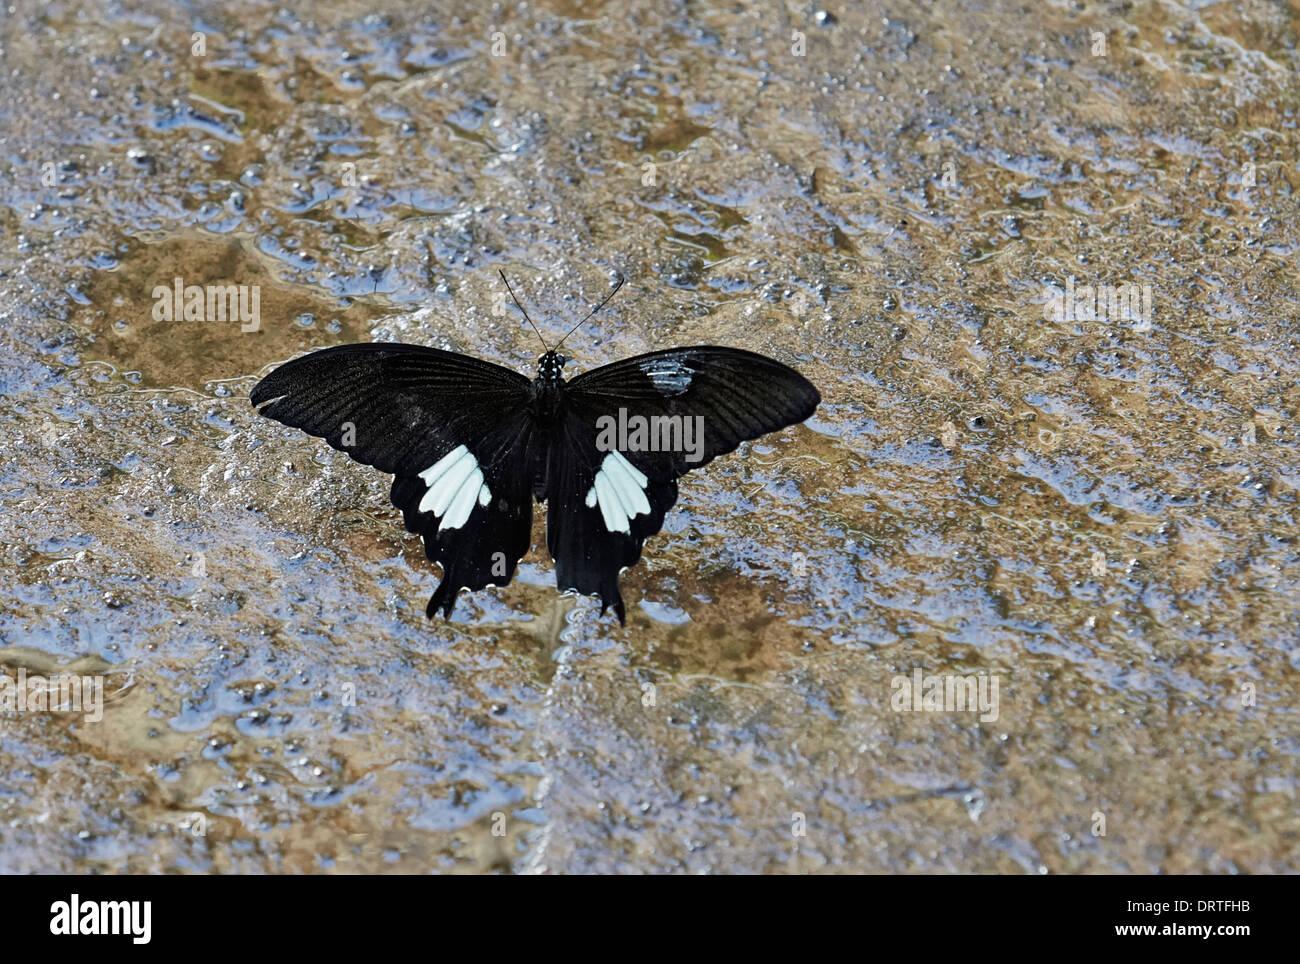 Bianco e Nero Helen butterfly Papilio nephelus sunatus dalla famiglia Papilionidae dorsale o aprire la vista dell'Australasia e India Immagini Stock